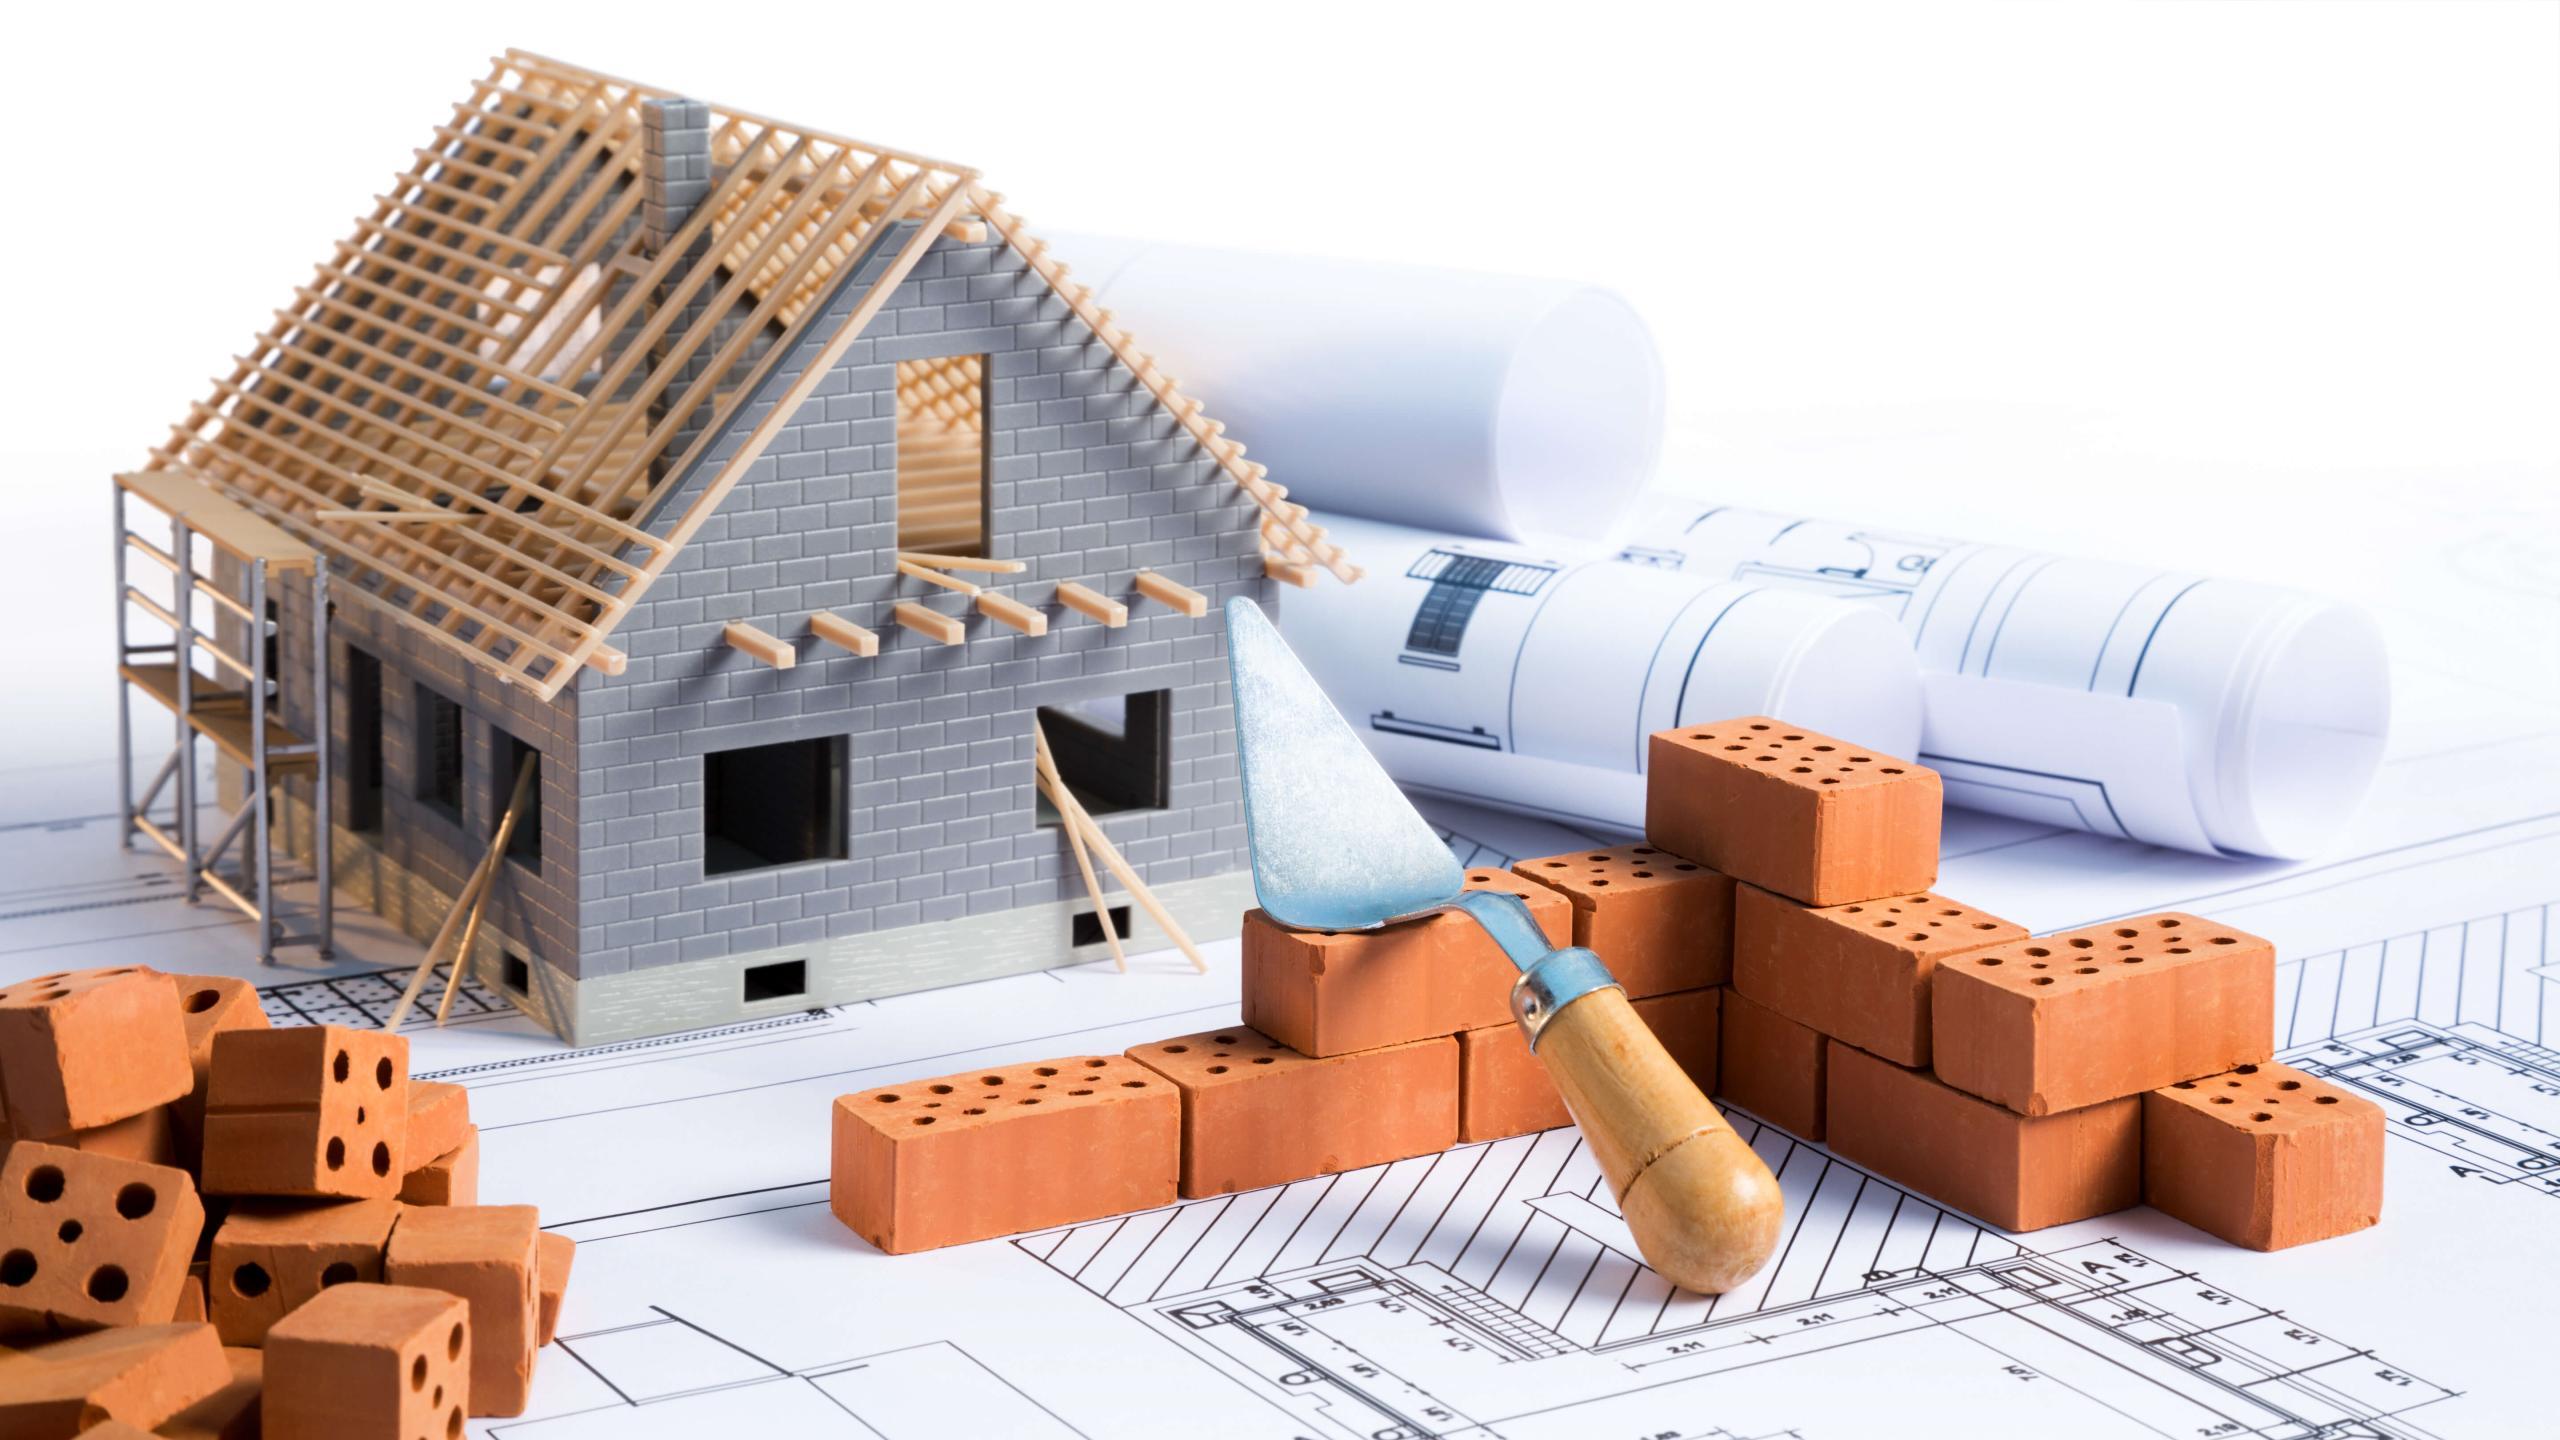 Осуществить строительство домов в Киеве самостоятельно или с помощью профи. «За» и «против»